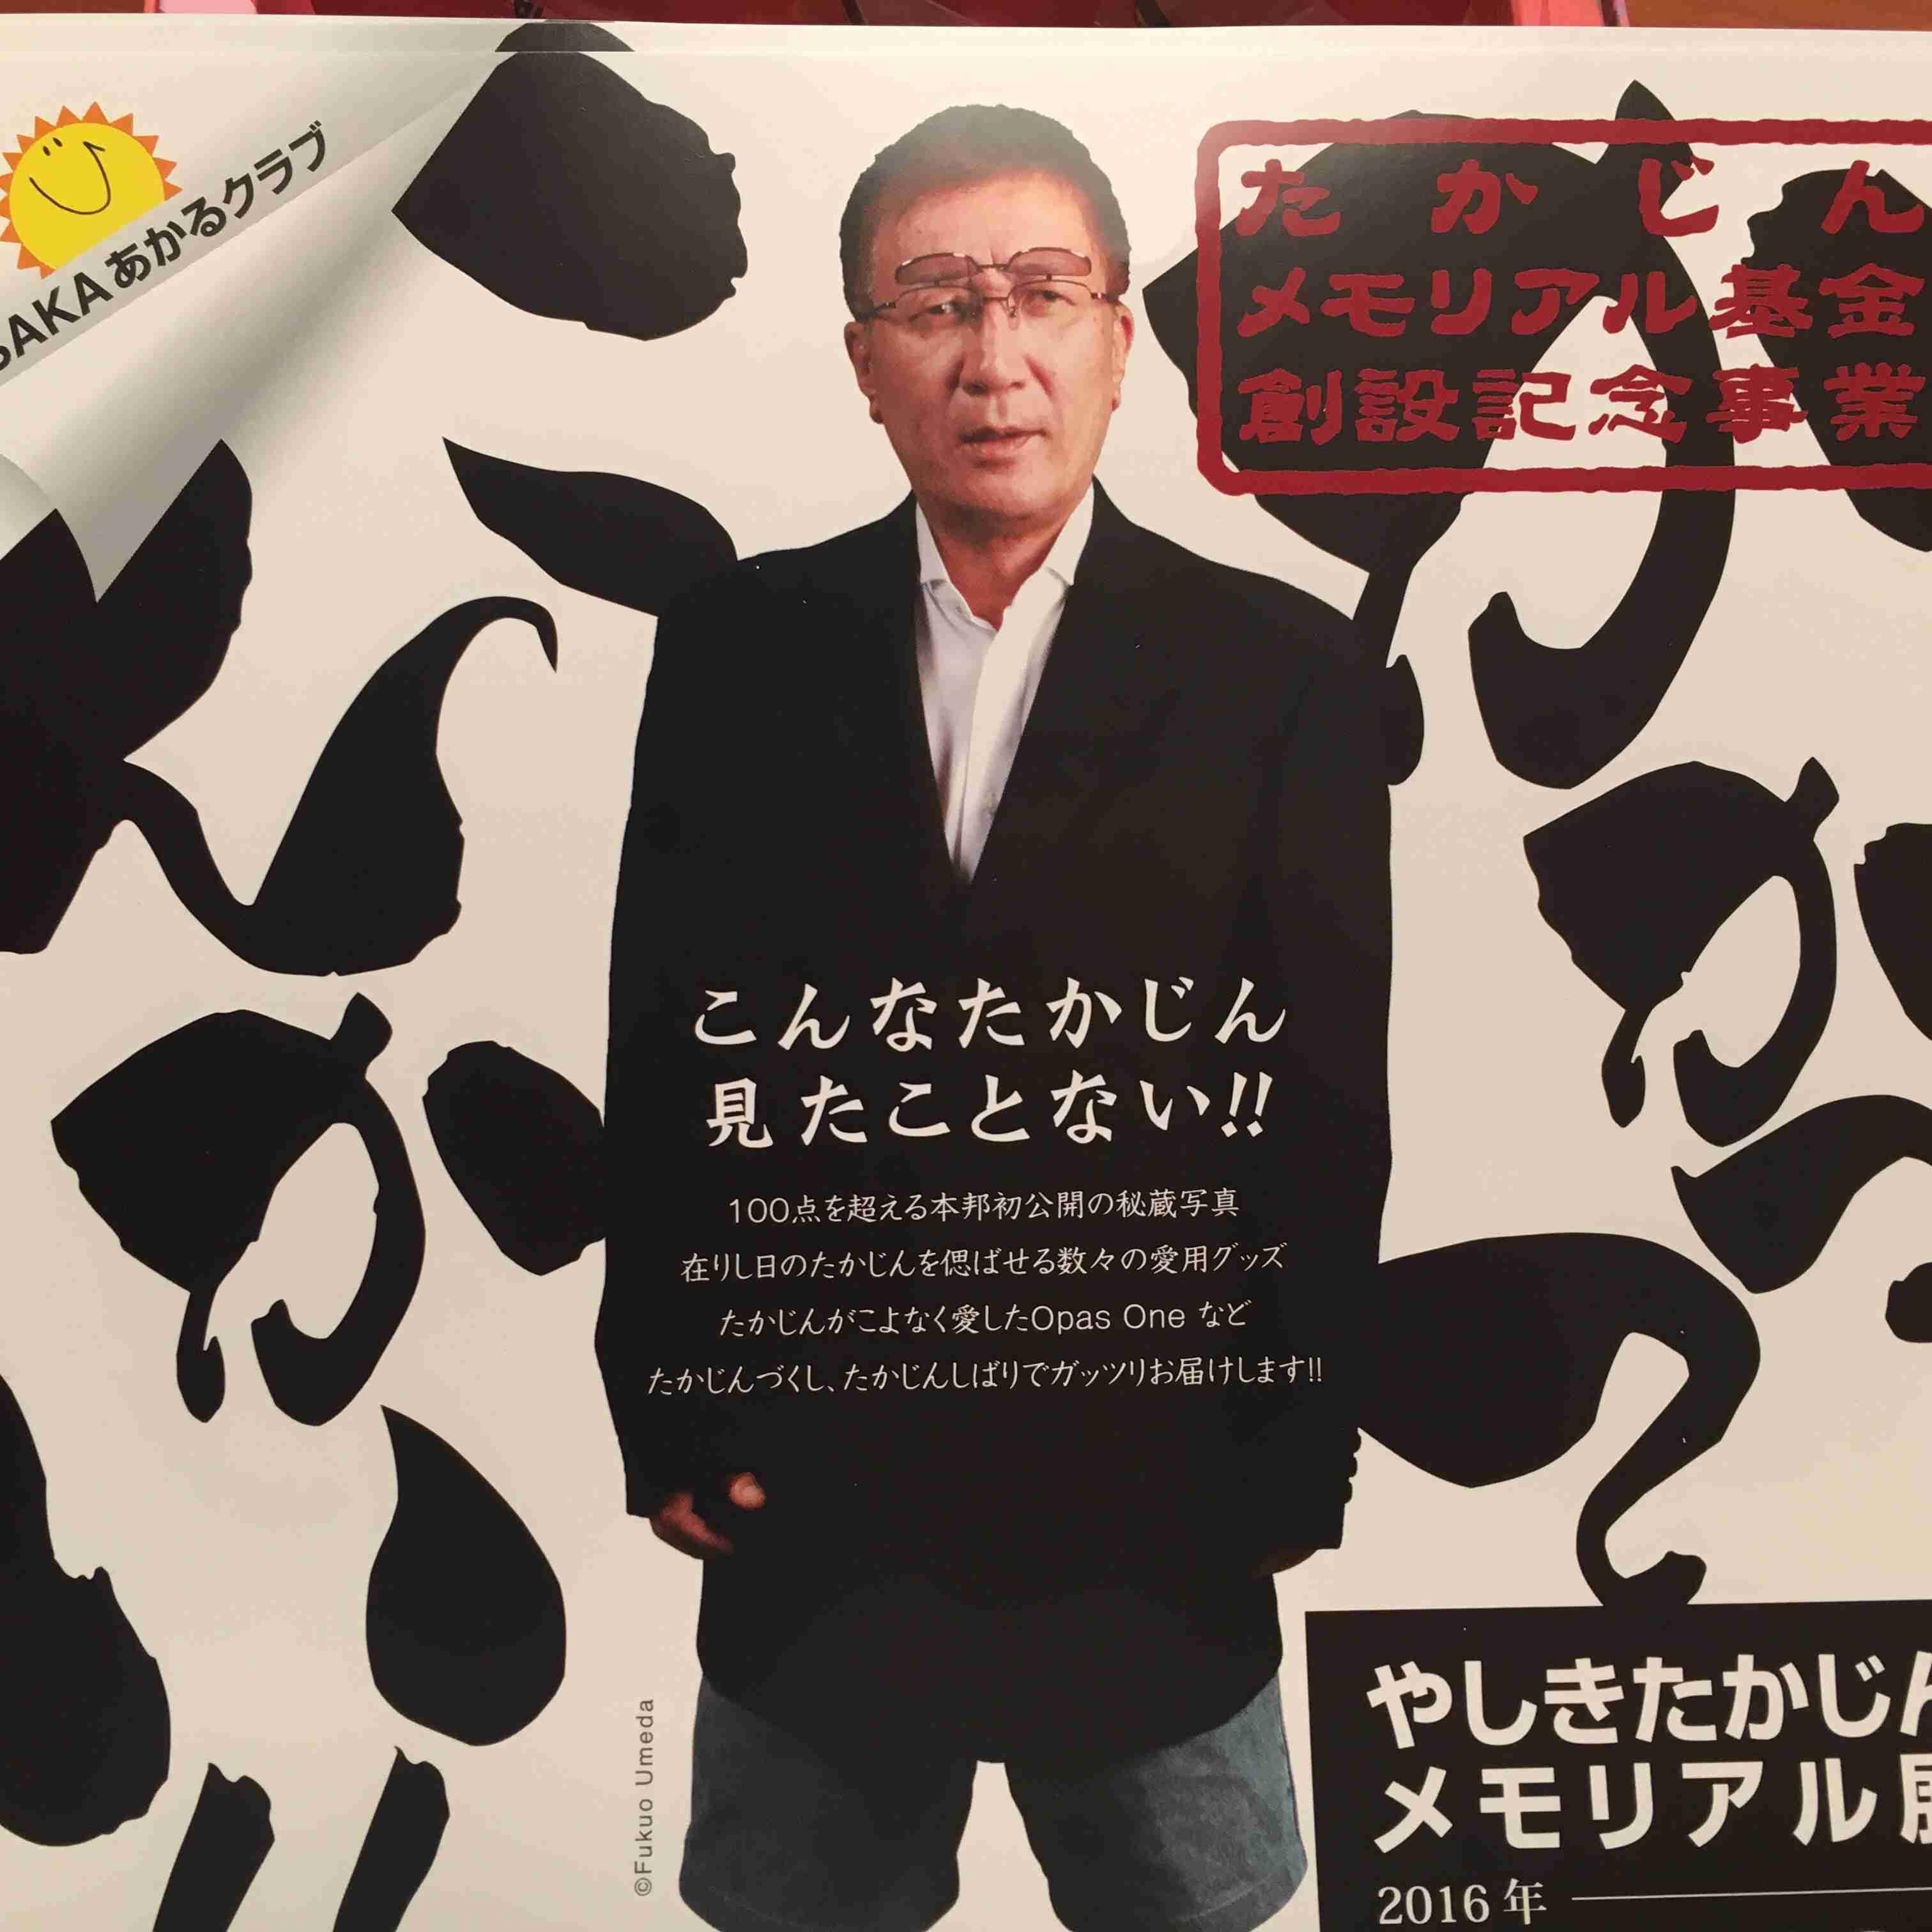 たかじんメモリアル展 | 八木早希オフィシャルブログ「Blossom Out」